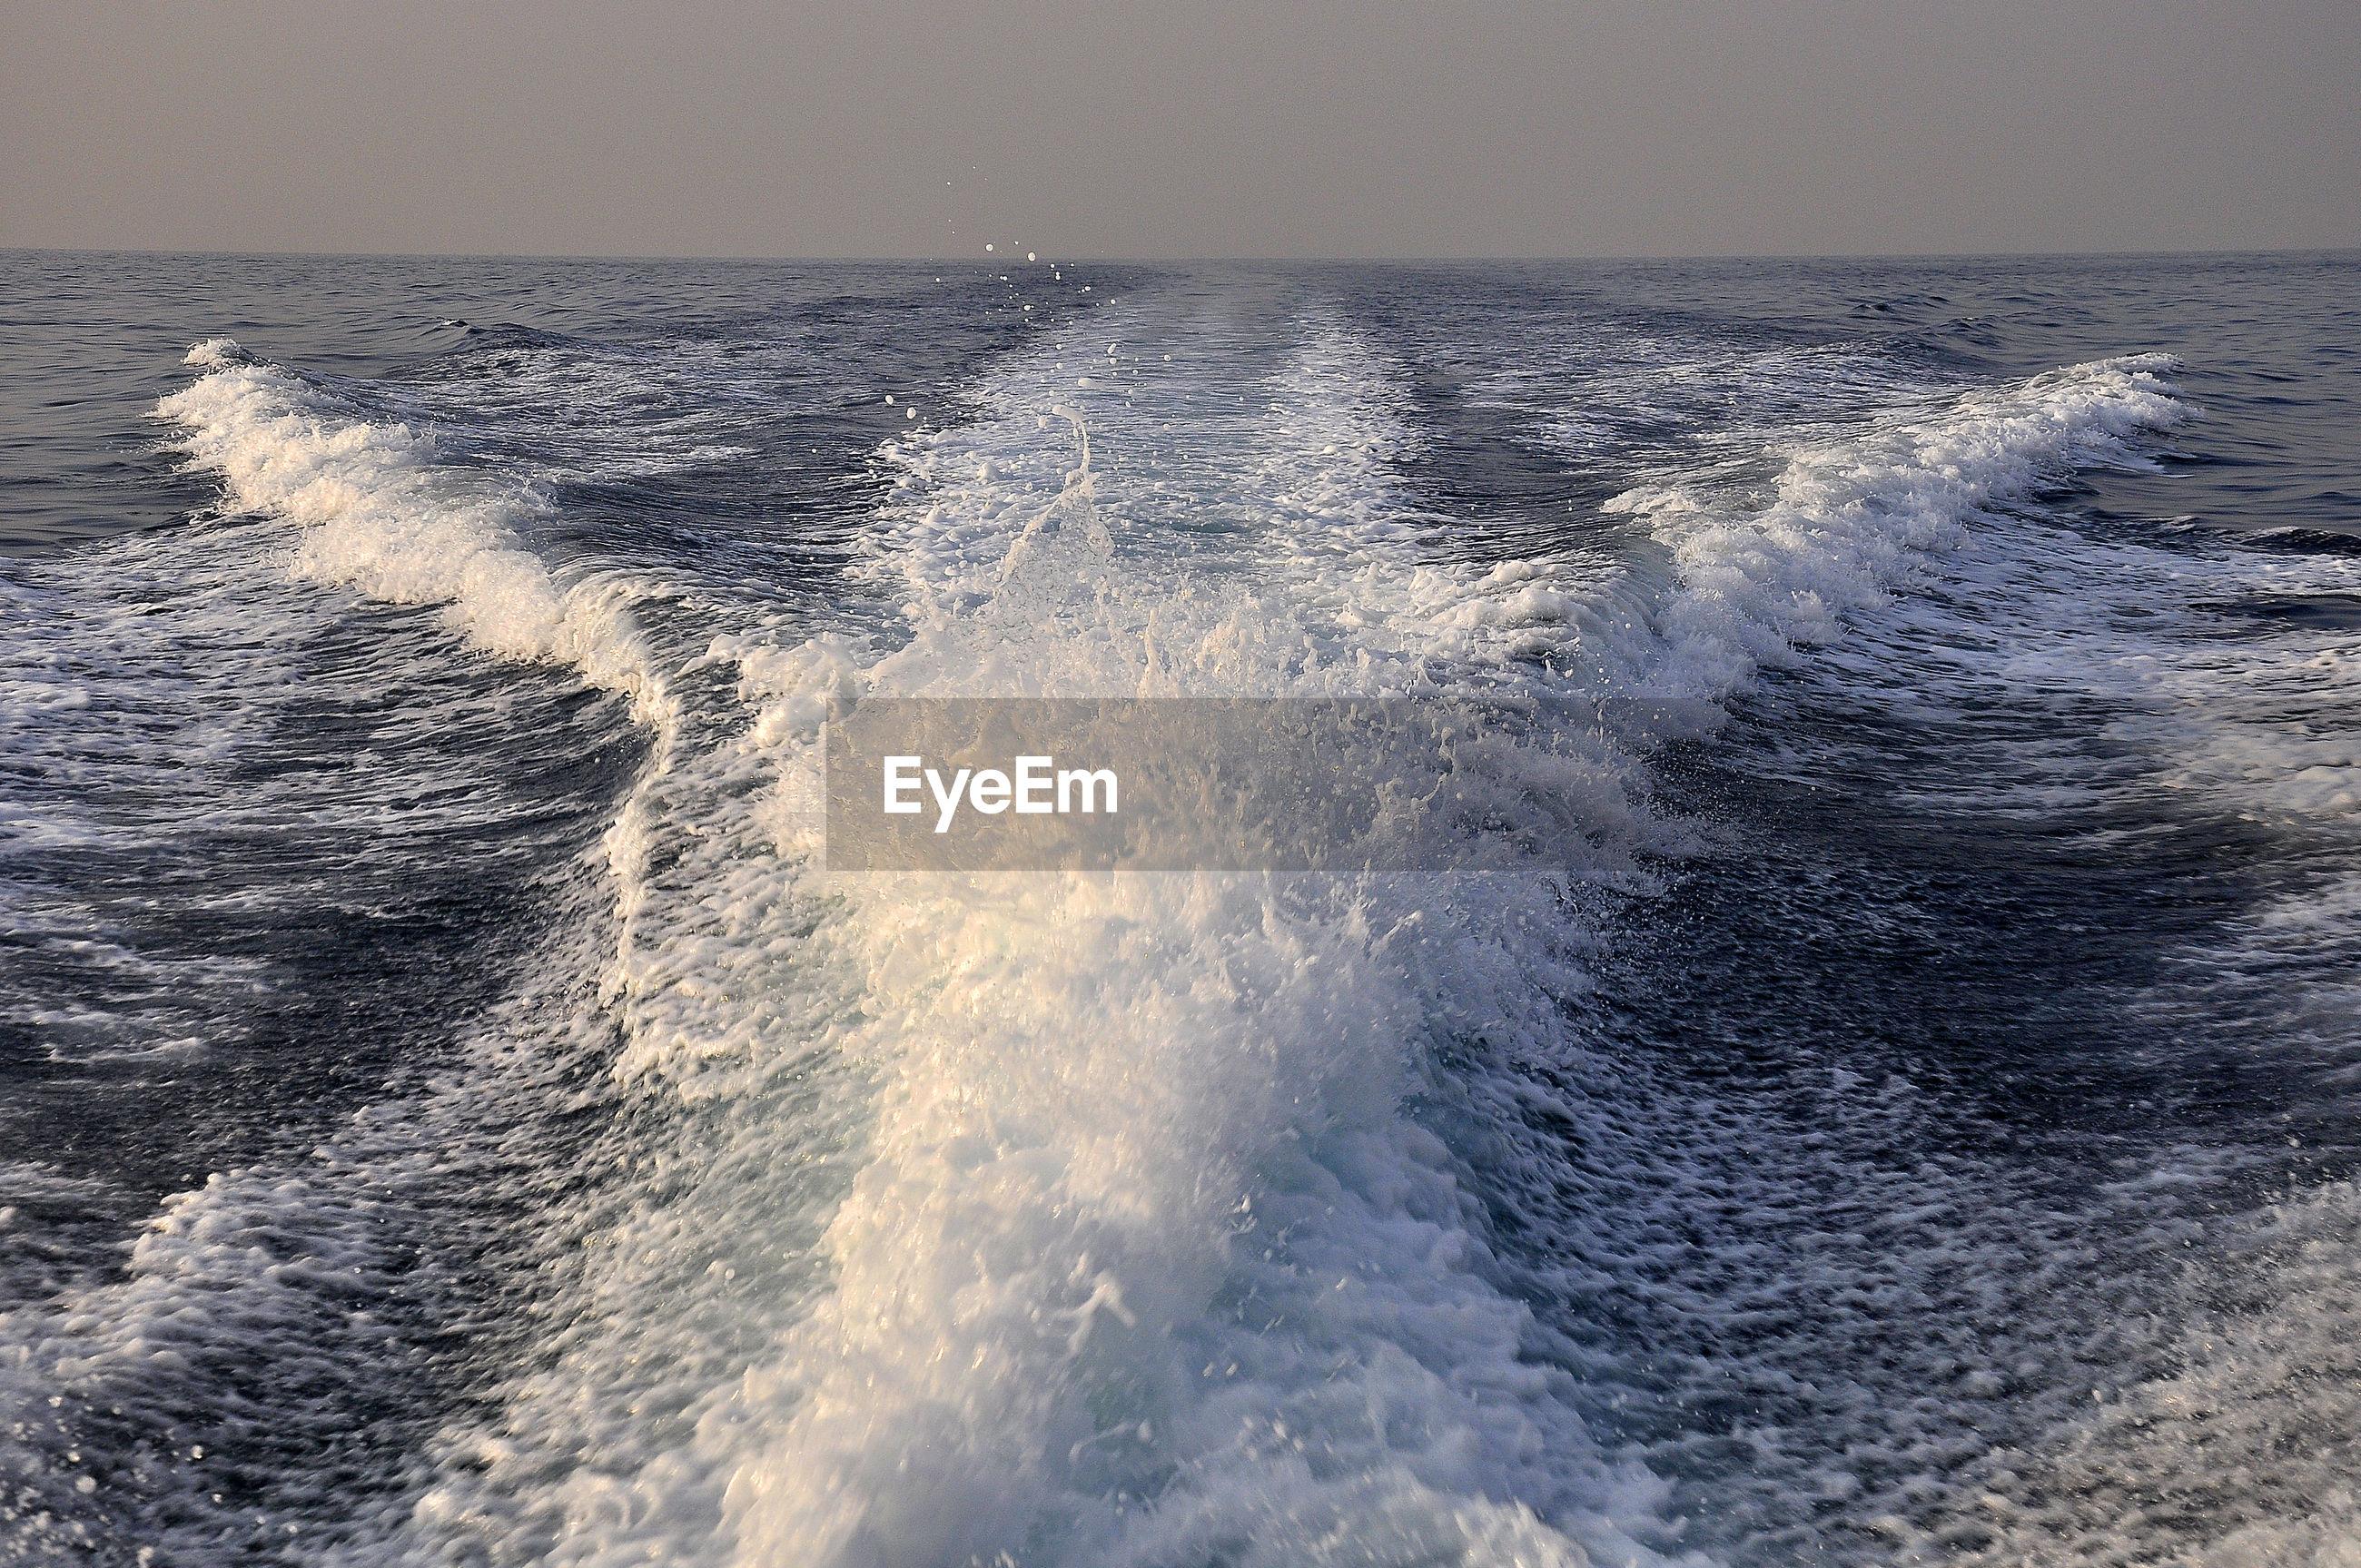 SEA AGAINST CLEAR SKY